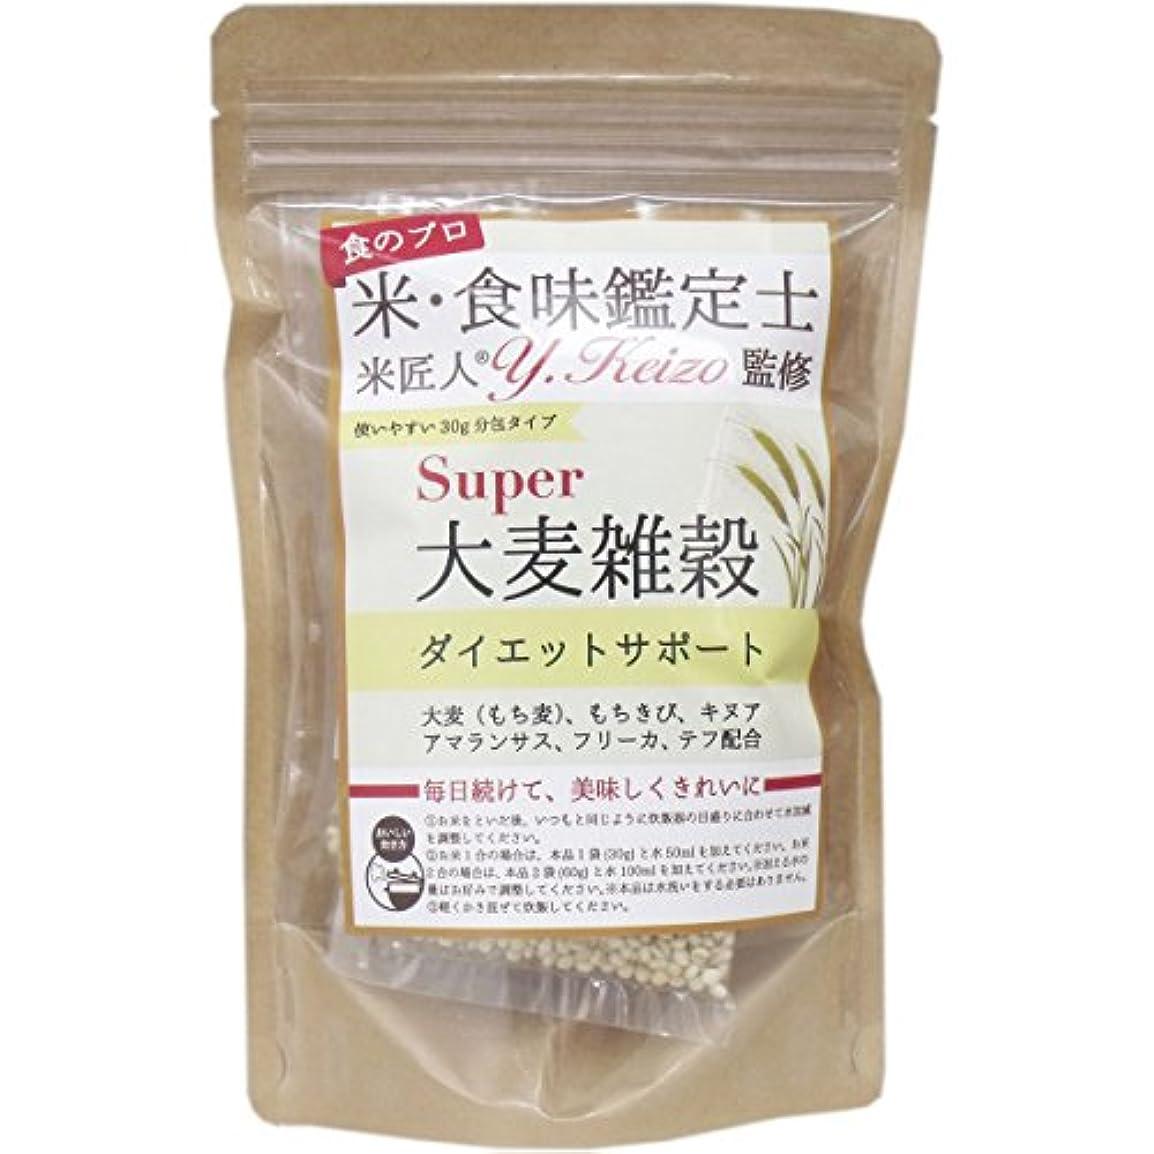 スマッシュハブブ餌スーパー大麦雑穀ダイエットサポート 30g×6包入×5点